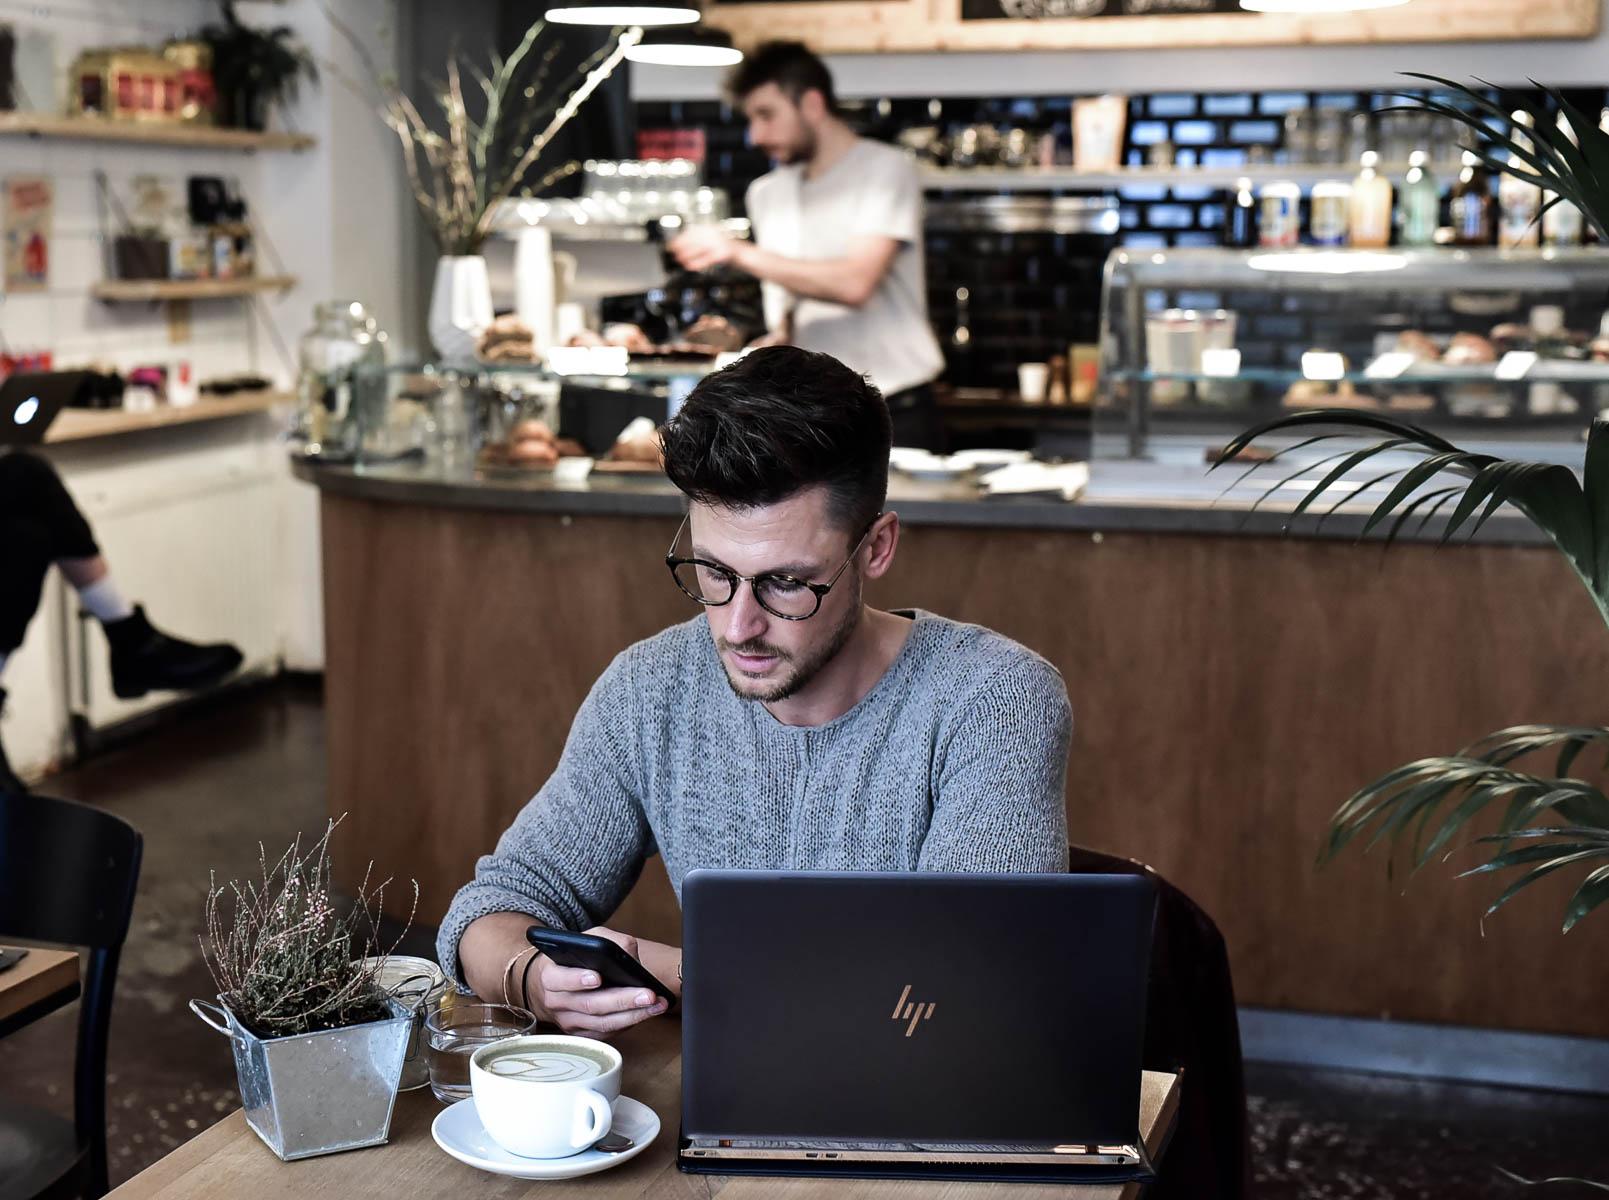 Tommeezjerry-Styleblog-Lifestyleblog-Männerblog-Männer-Modeblog-Berlin-Berlinblog-Männermodeblog-Notebook-HP-Spectre-Lifestyle-Technik